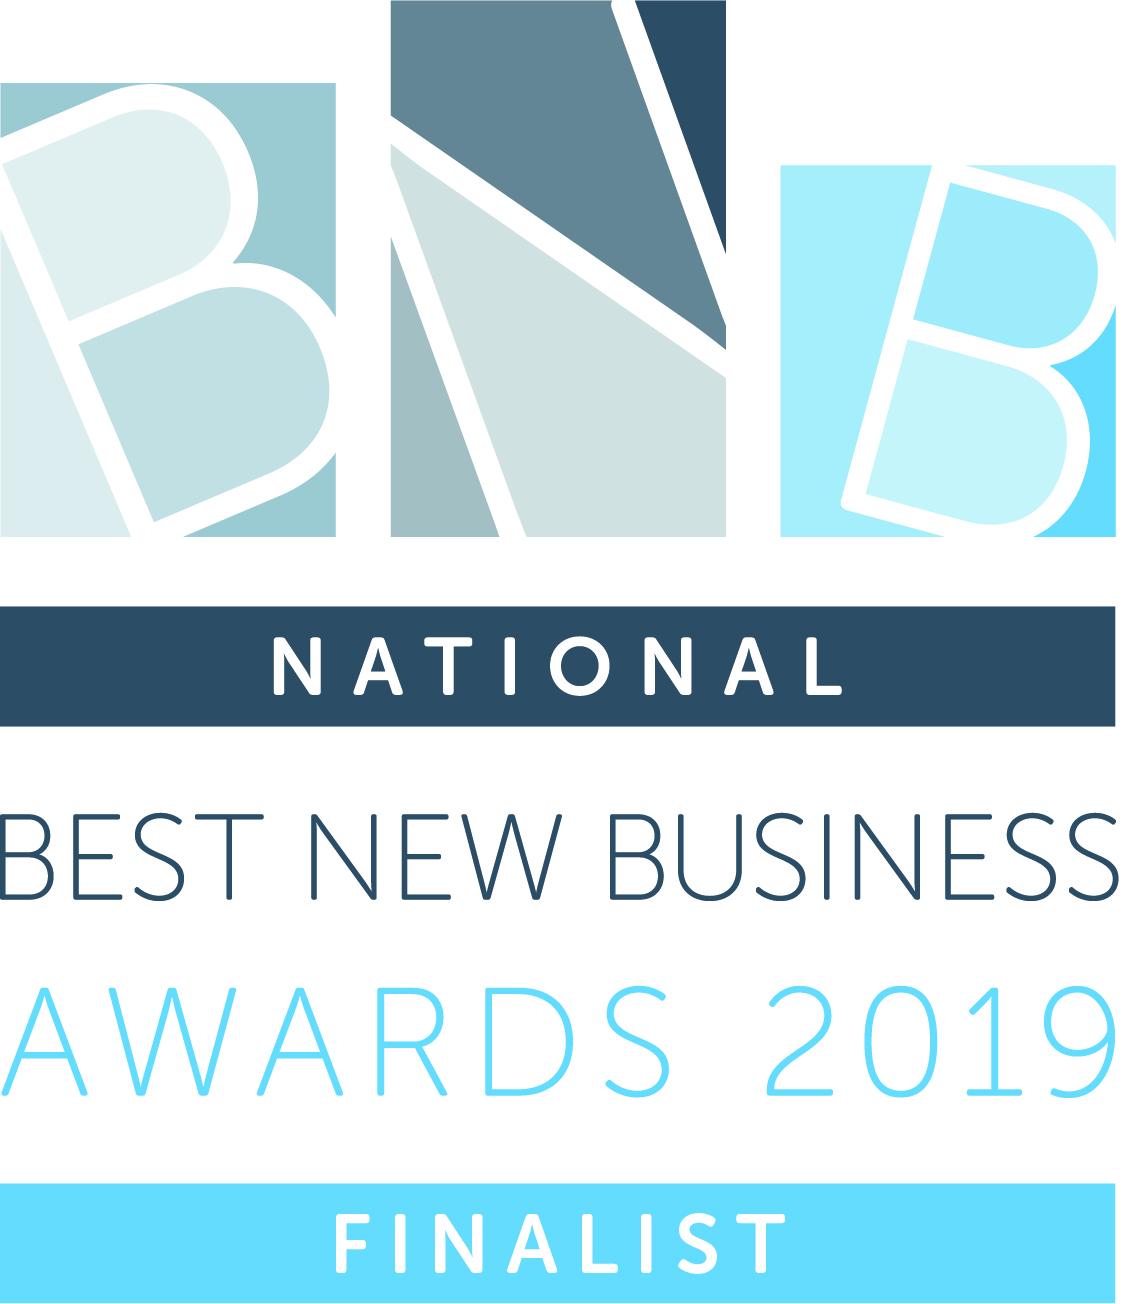 Best New Business Awards 2019 Finalist.jpg